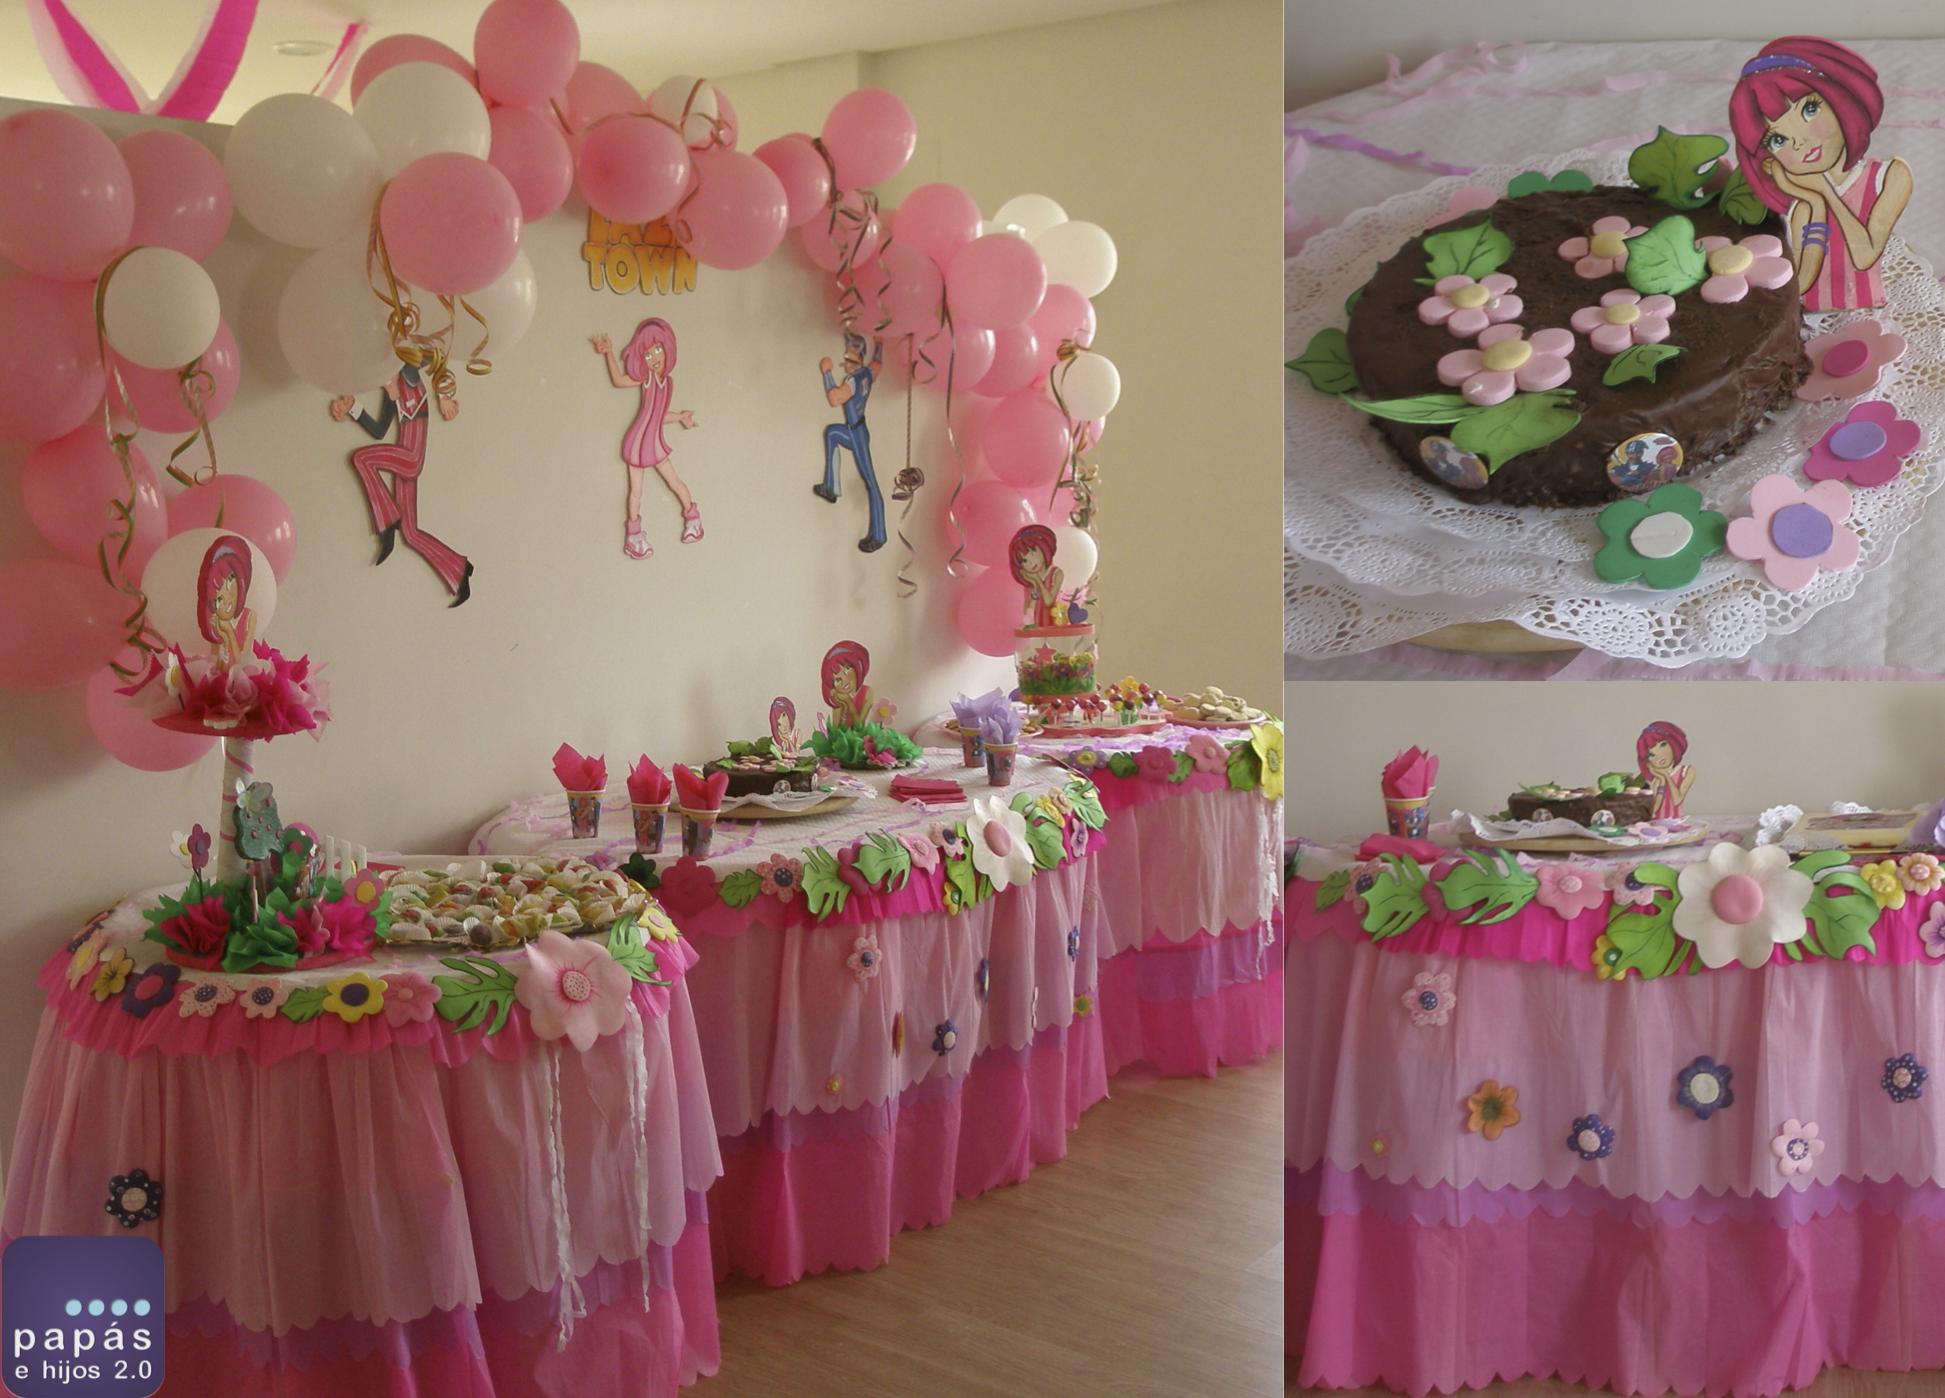 Ideas creativas para decoraciones de fiestas infantiles